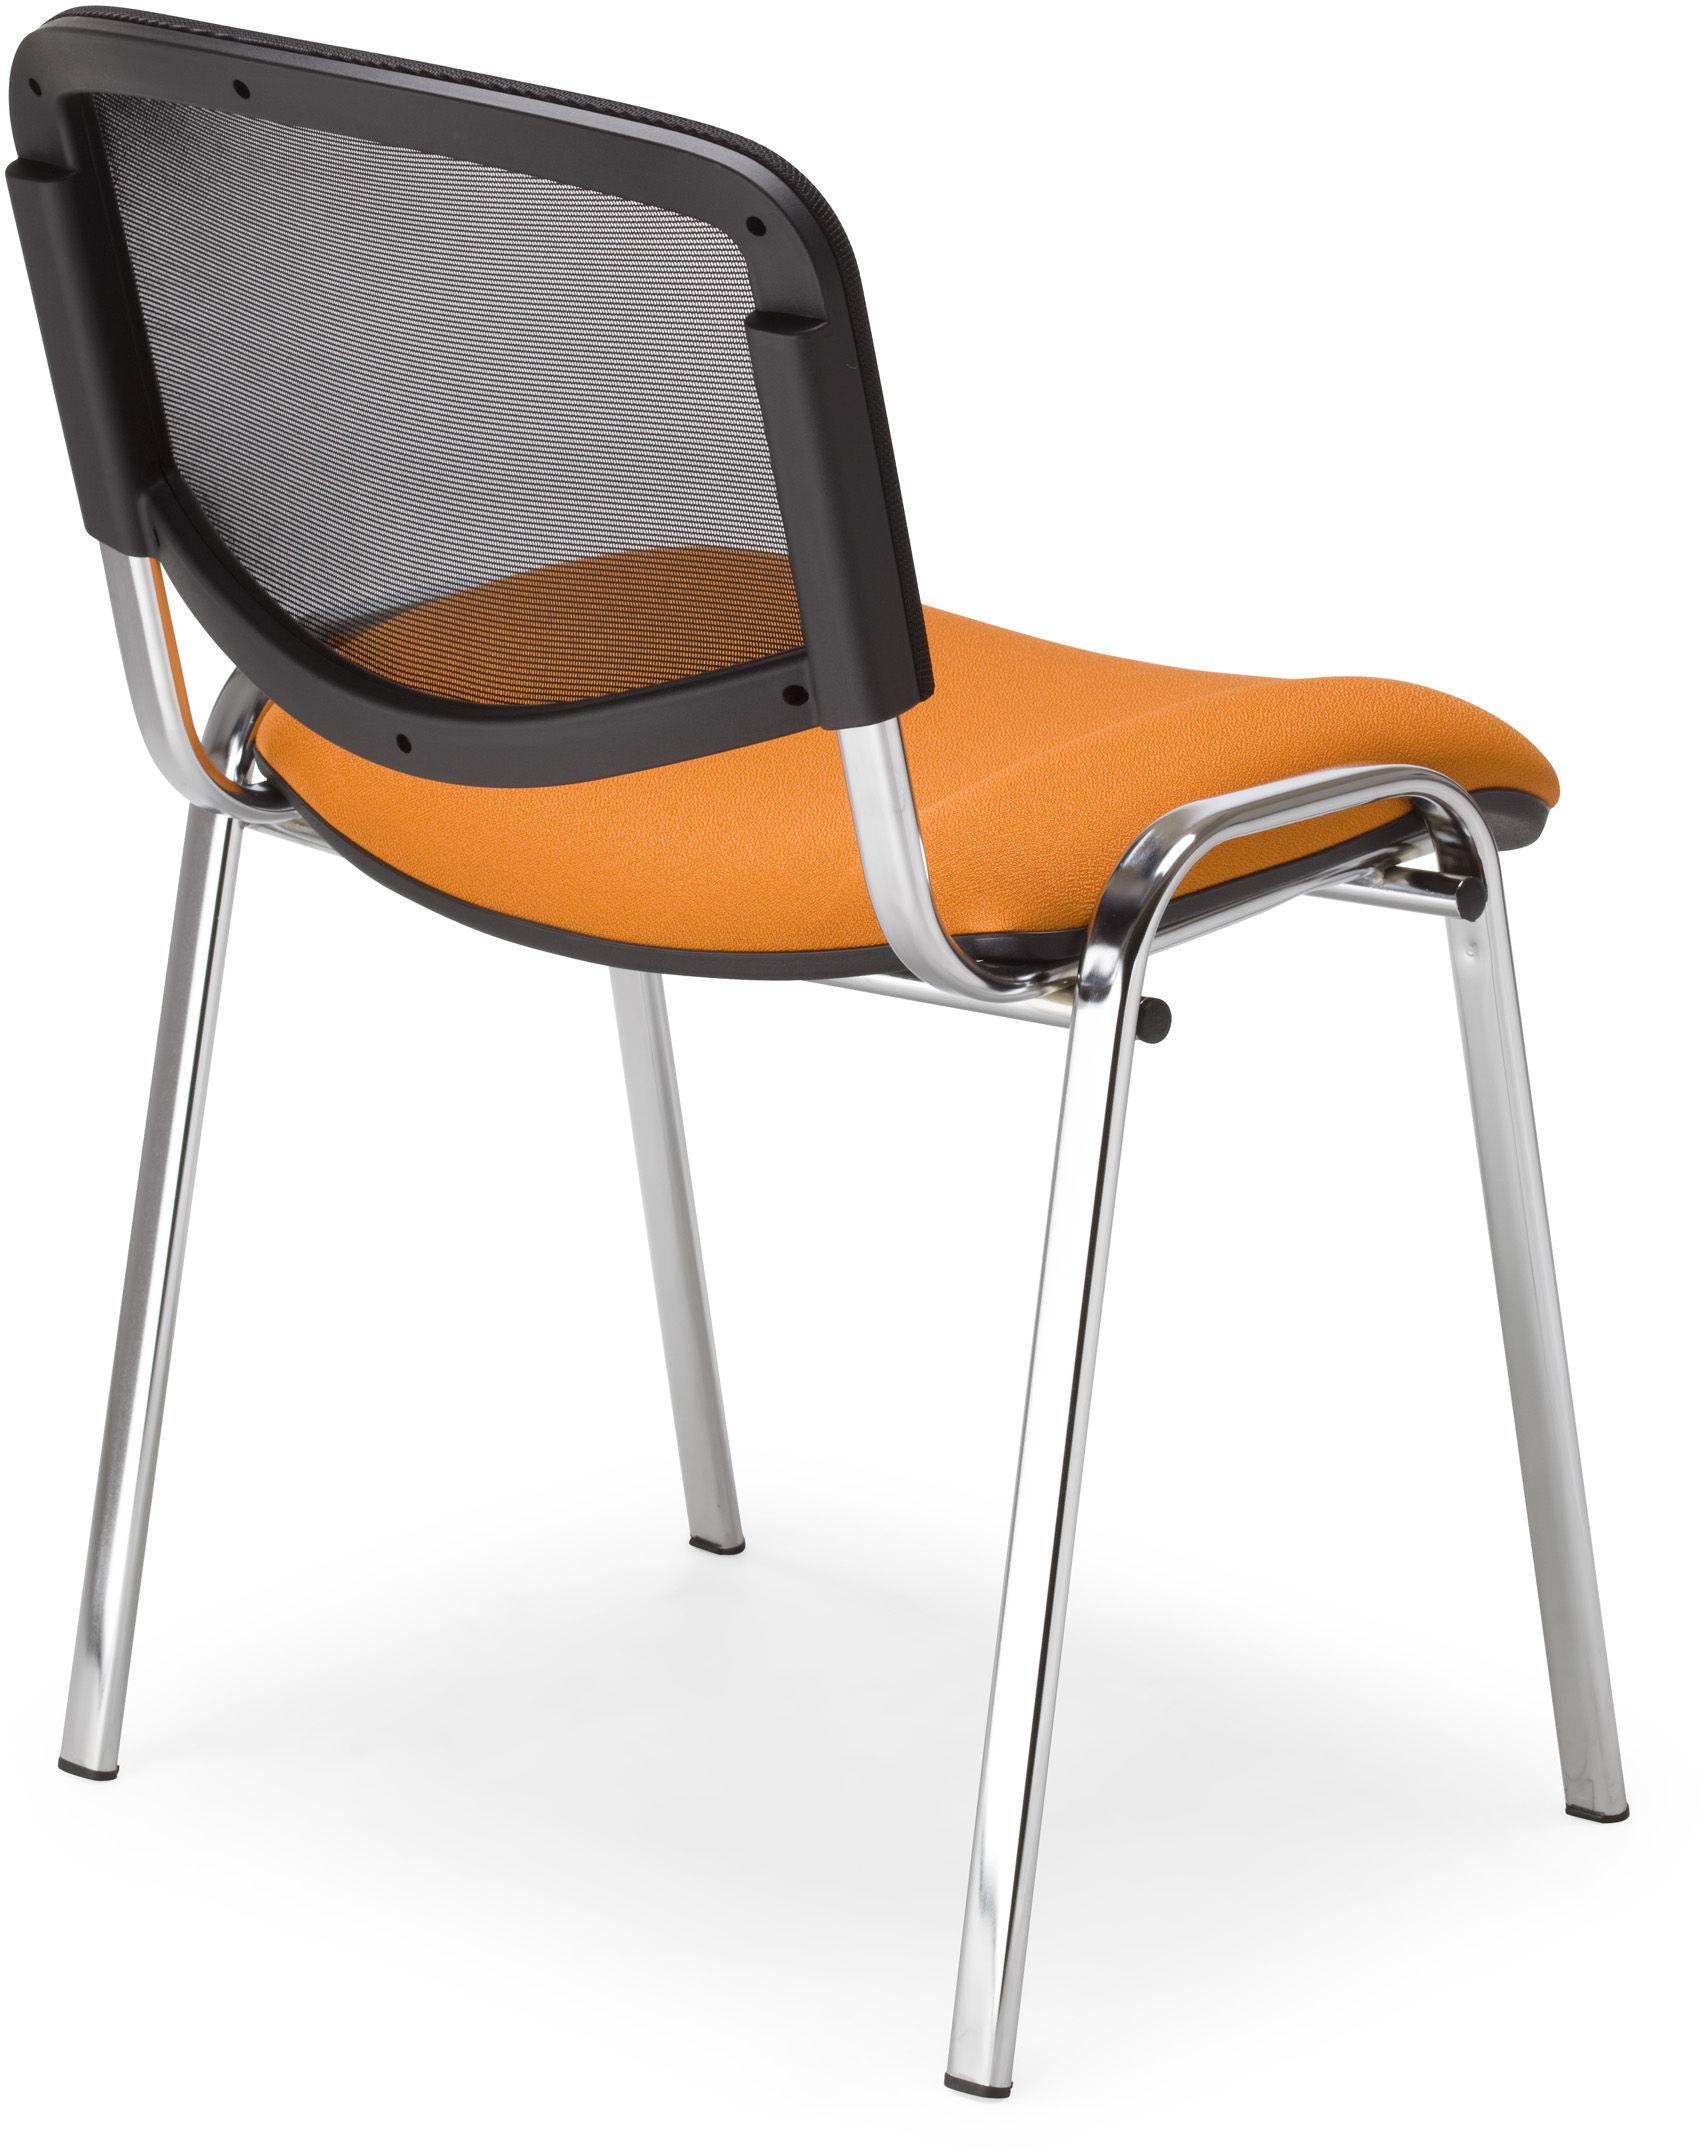 NOWY STYL Krzesło ISO ERGO MESH chrome